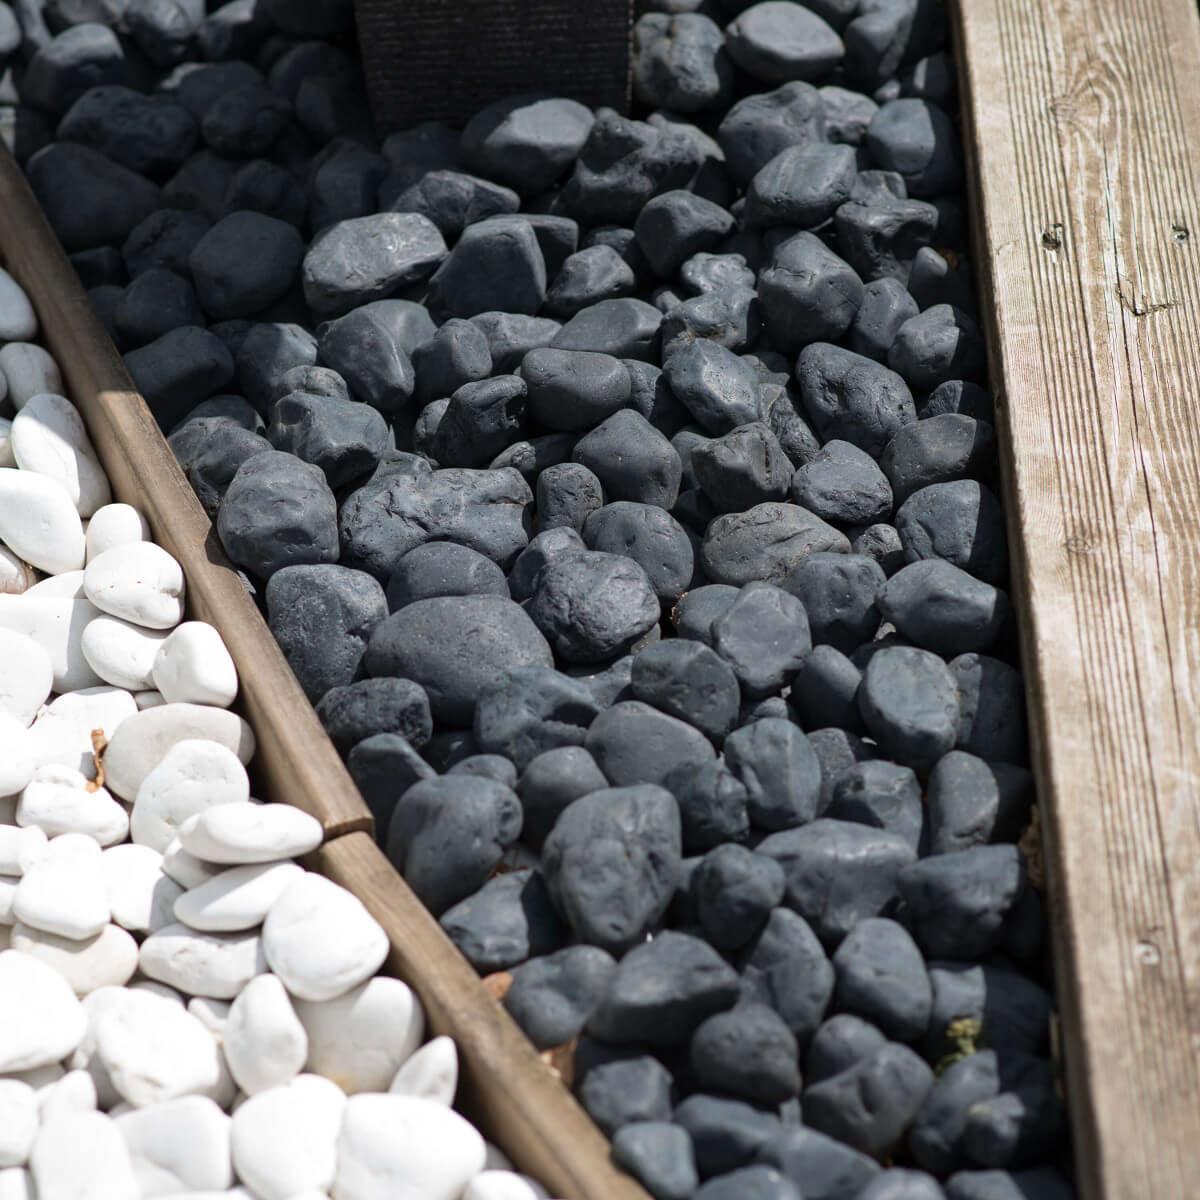 5 bolsas de piedras negras de 20 kg for Piedras negras para jardin